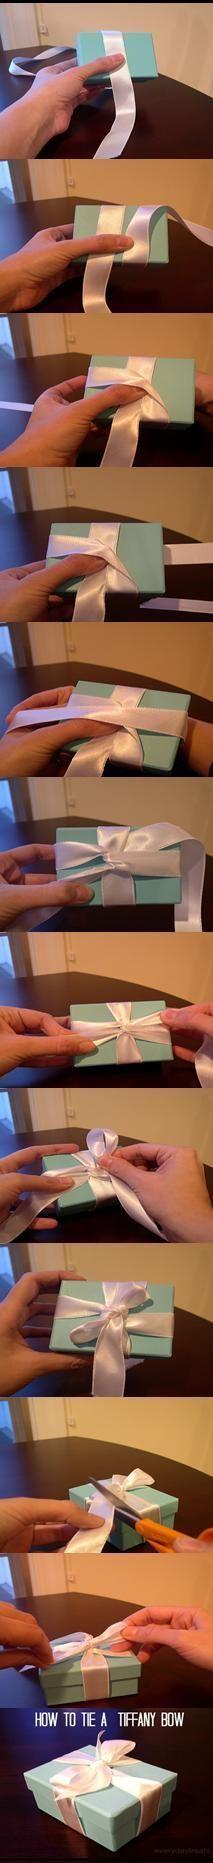 (A través de CASA REINAL) >>>> How to tie a Tiffany Bow